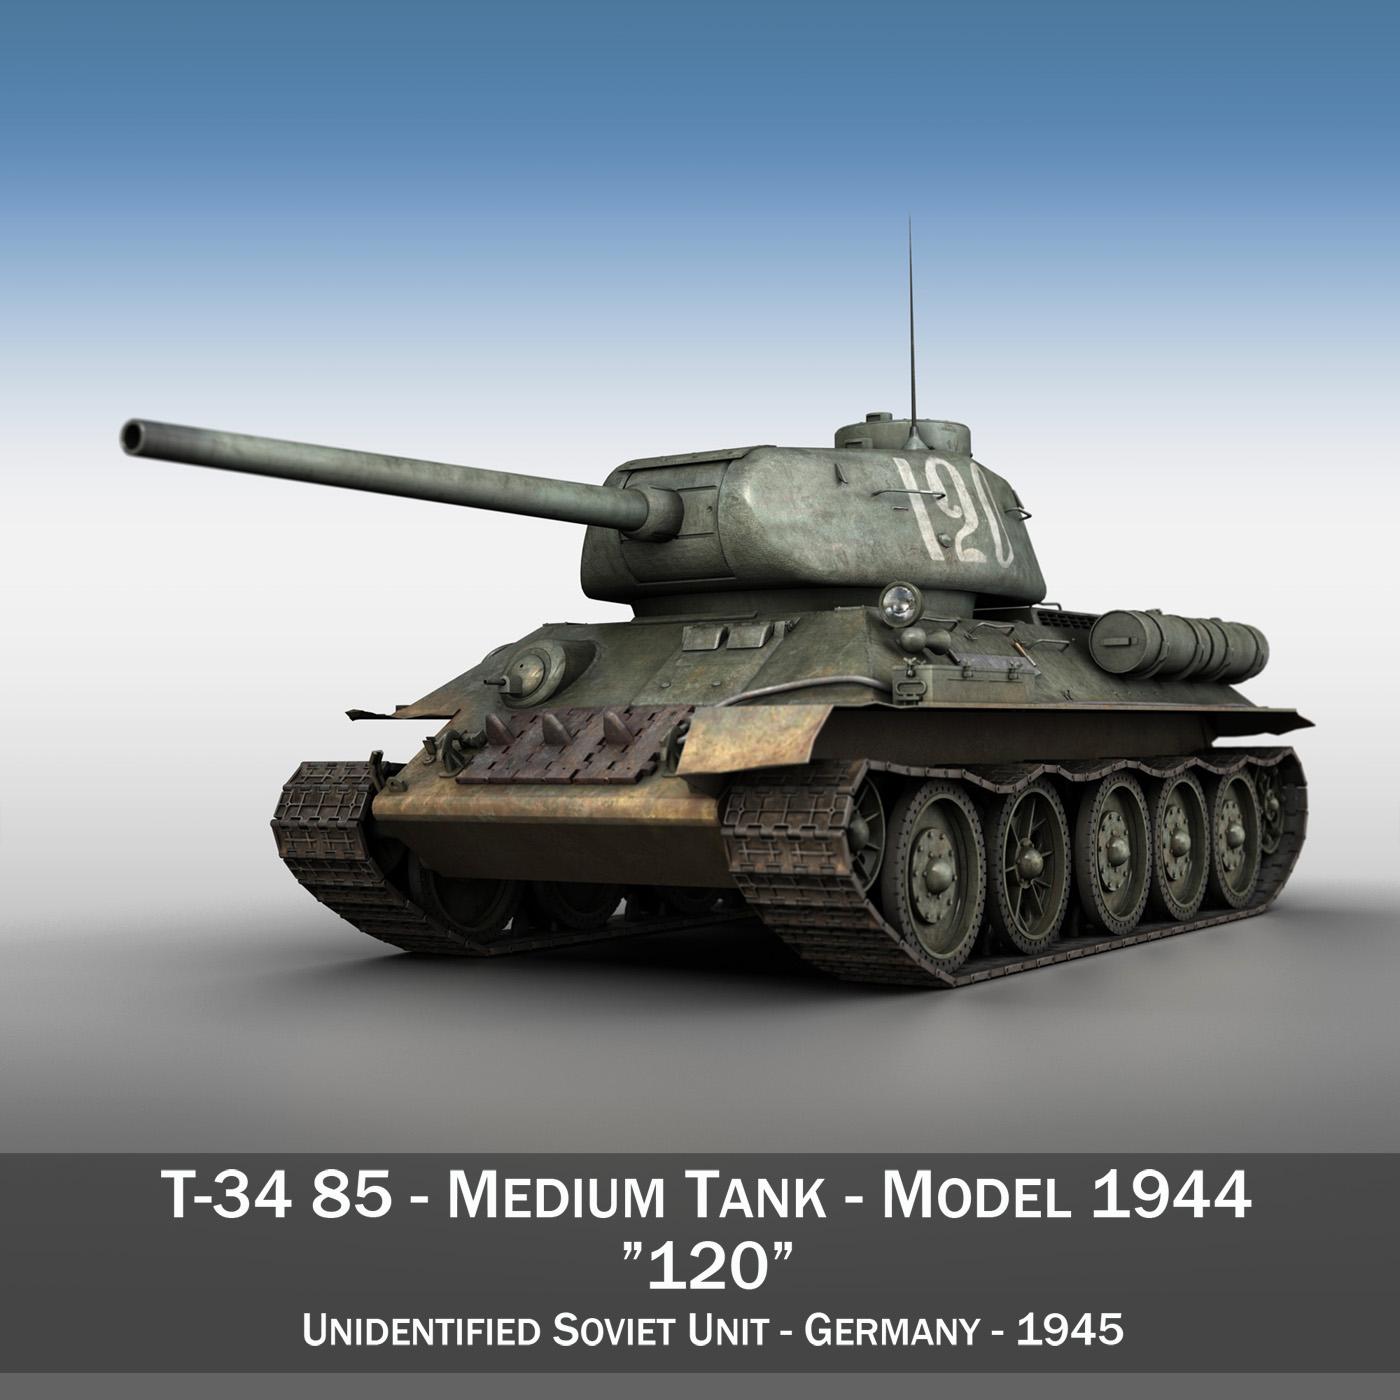 t-34 85 - umar meánmhéide - 120 3d múnla